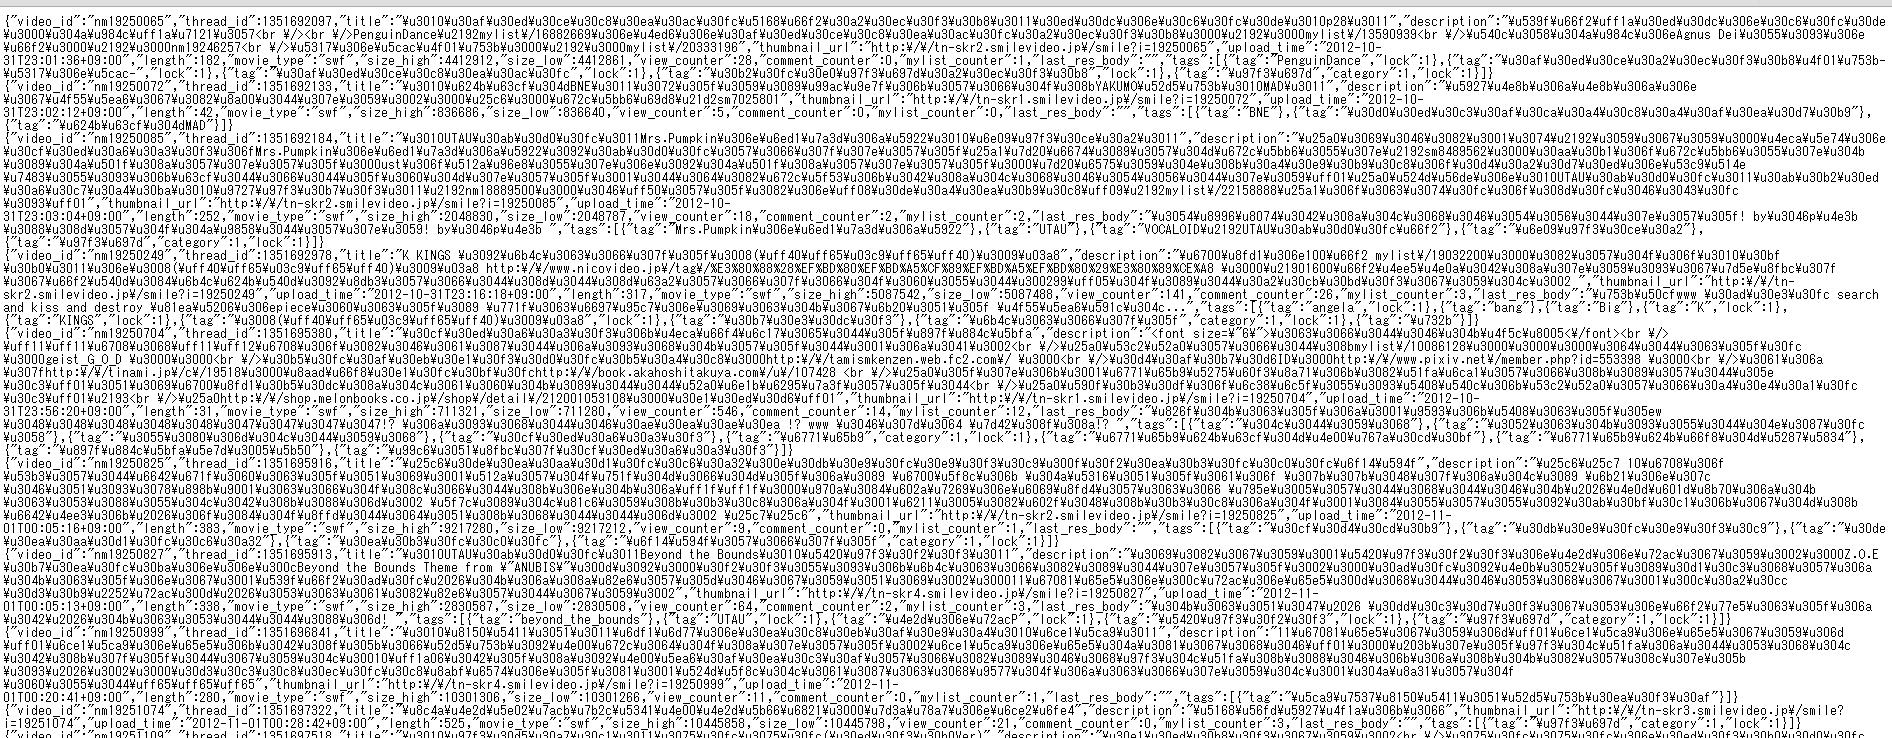 ニコニコデータセット json